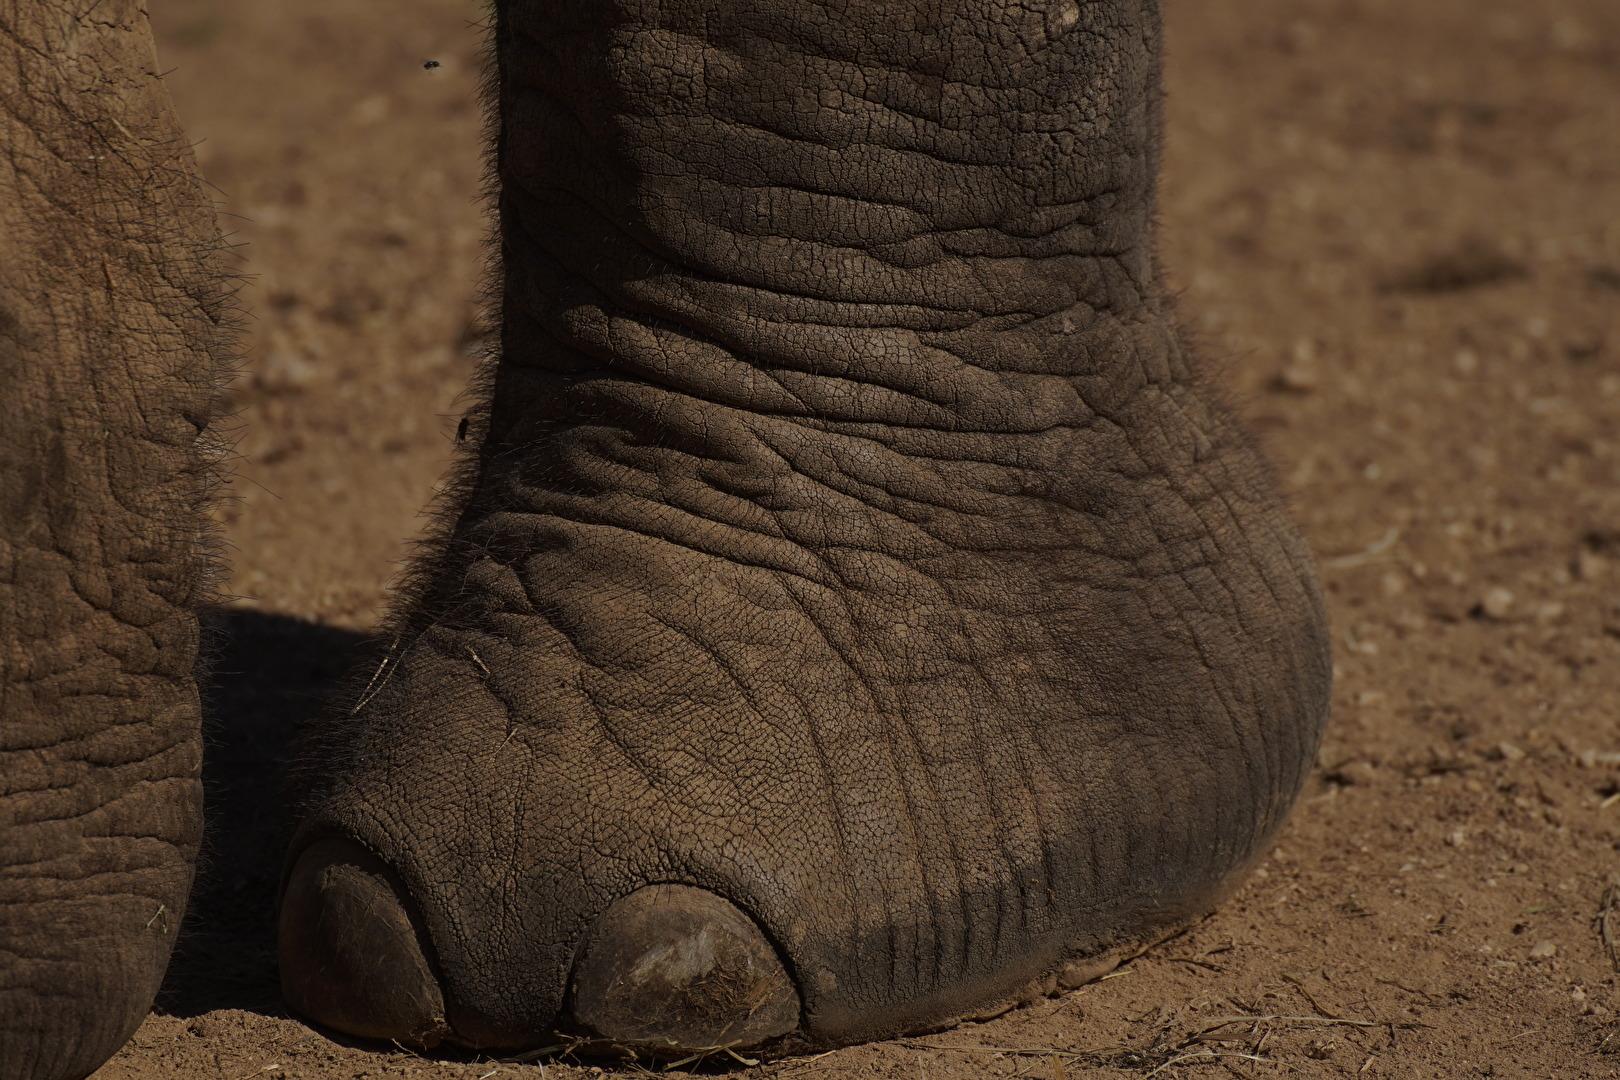 der Elefant und die Mücke